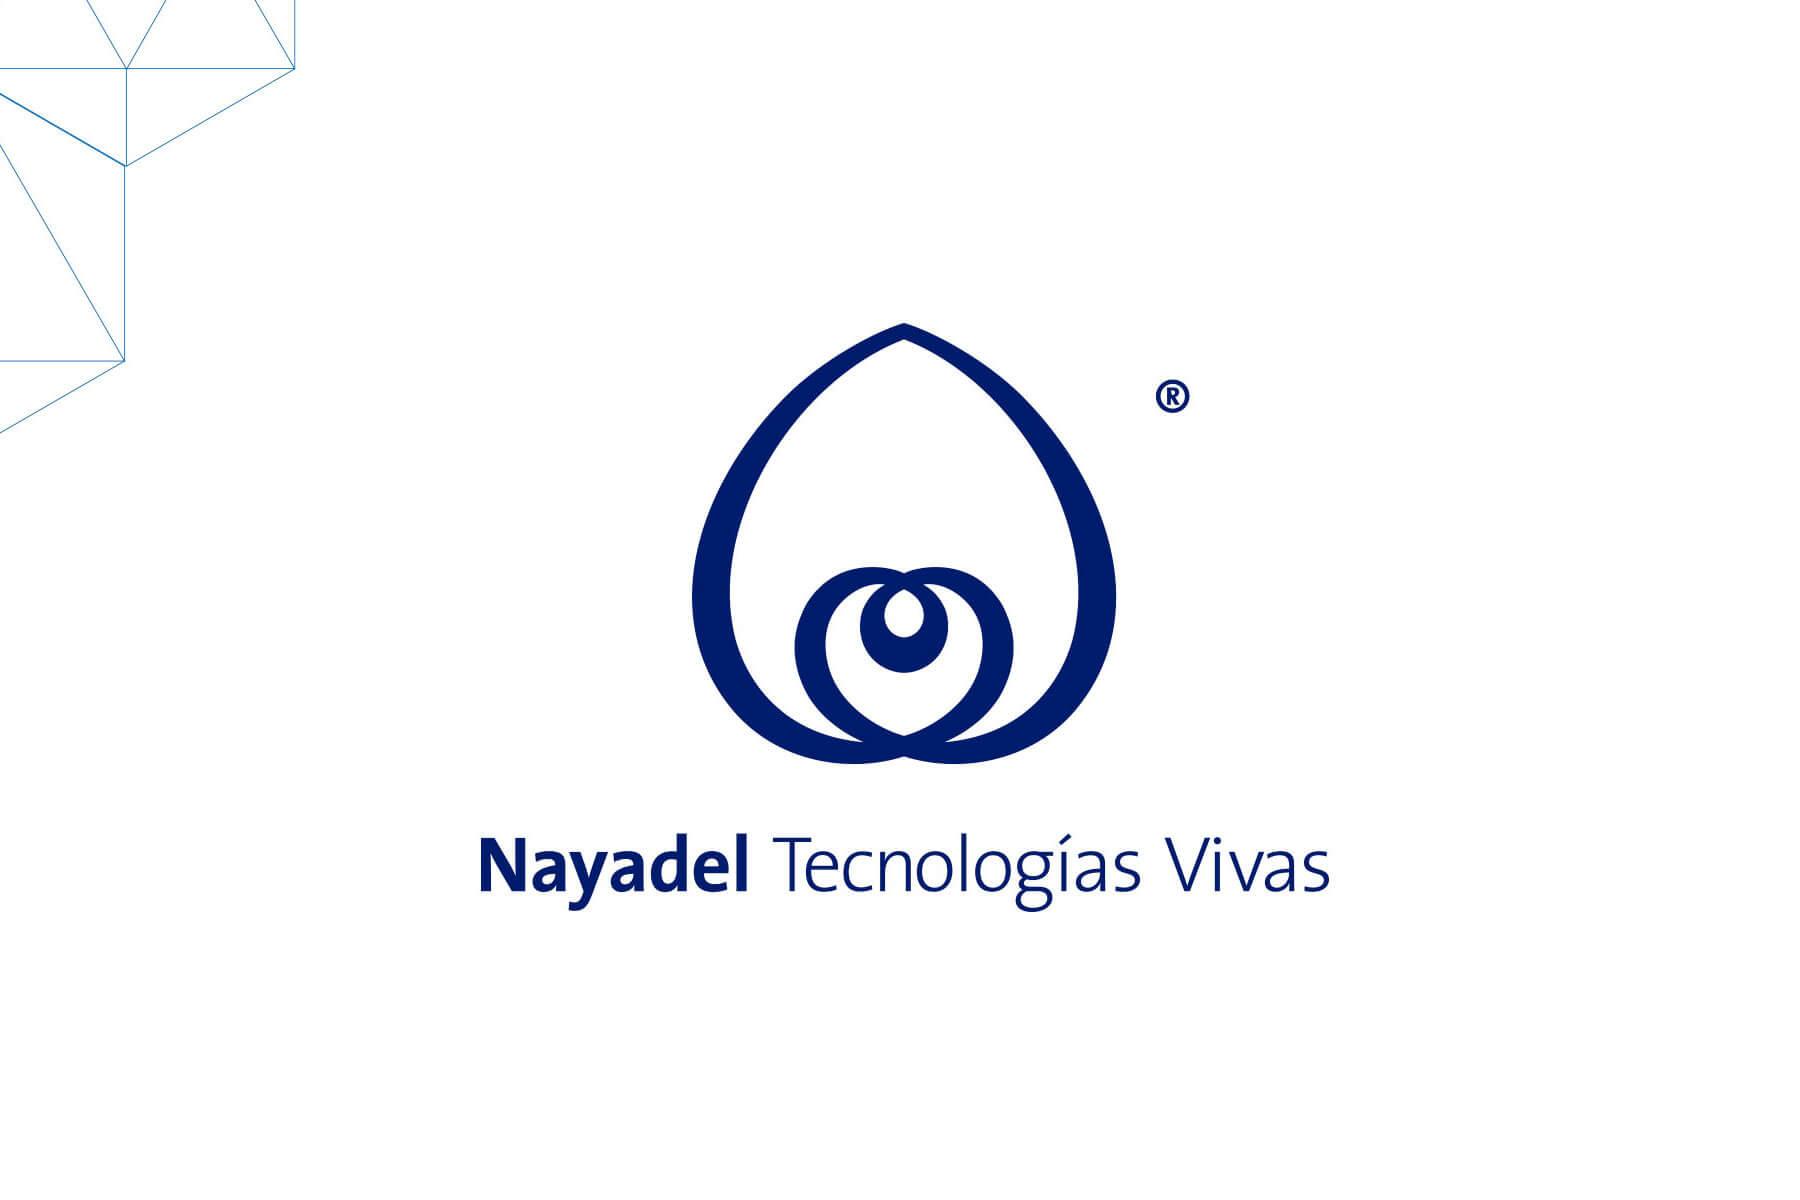 Nayadel